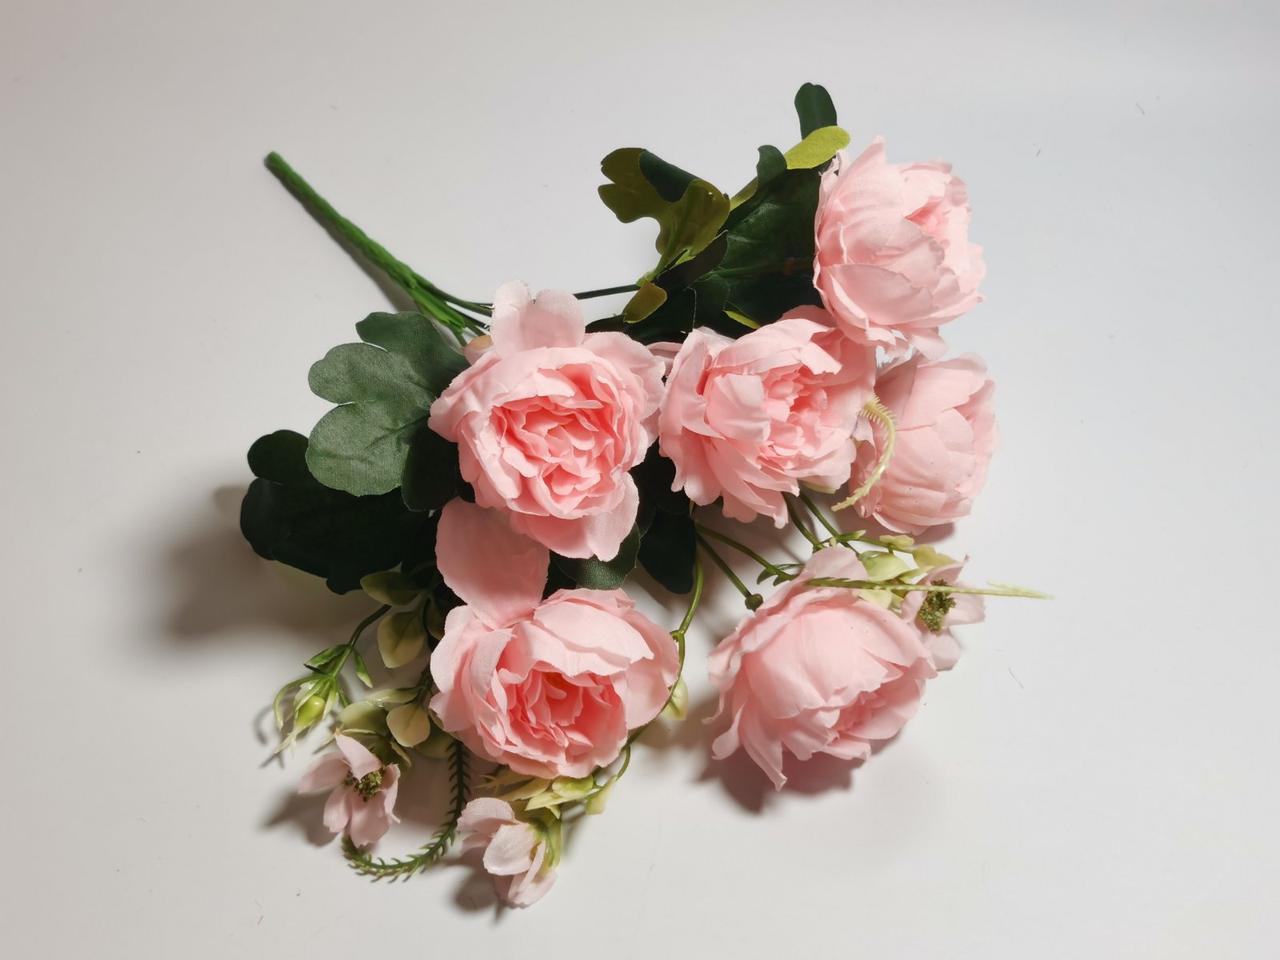 Искусственные цветы. Букет пионов, пудрово-розовый